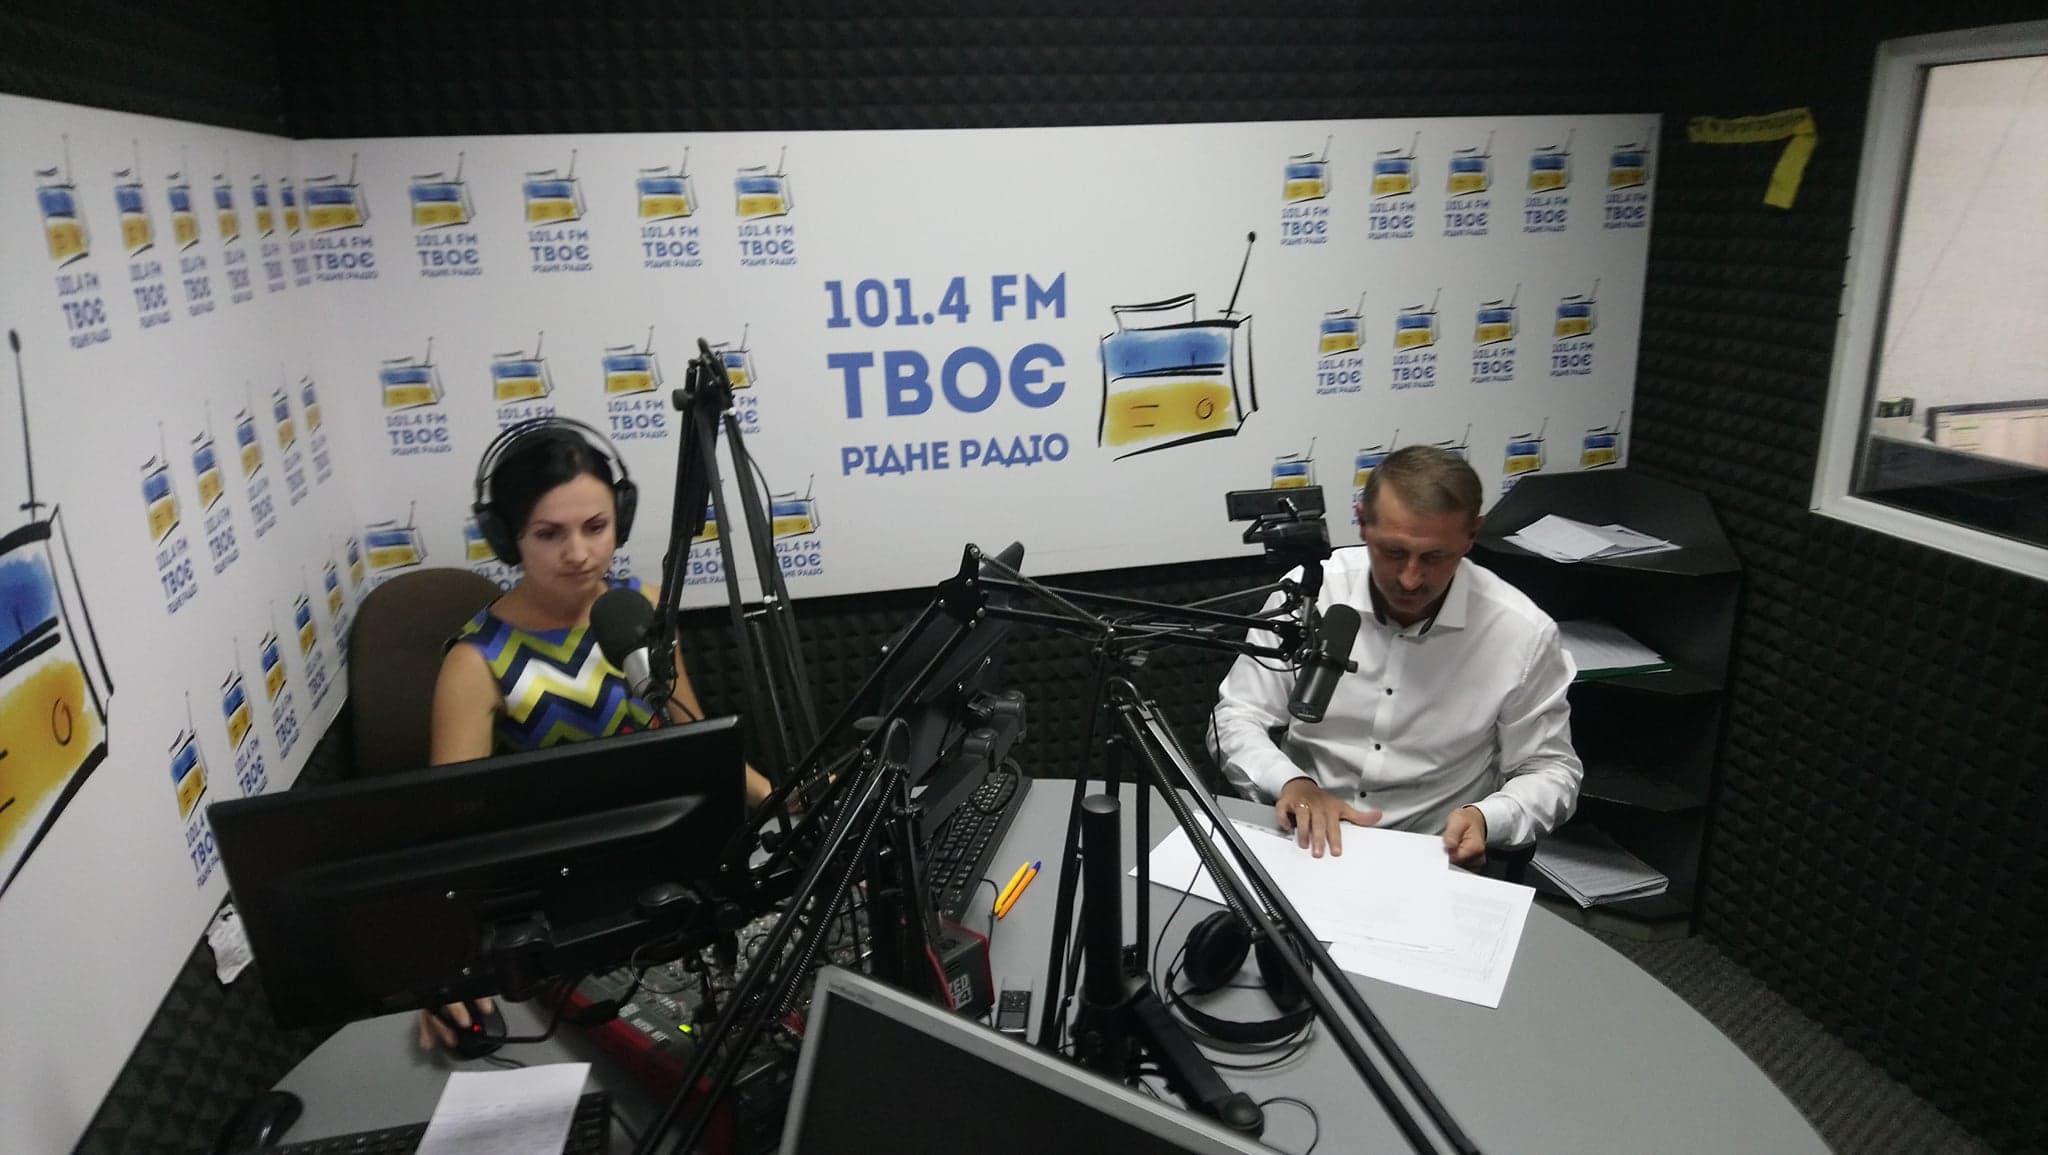 """Про медицину, освіту та реформи, — міський голова Дрогобича Тарас Кучма у прямому ефірі радіостанції """"Твоє радіо"""". ВІДЕО. ЗМІ"""